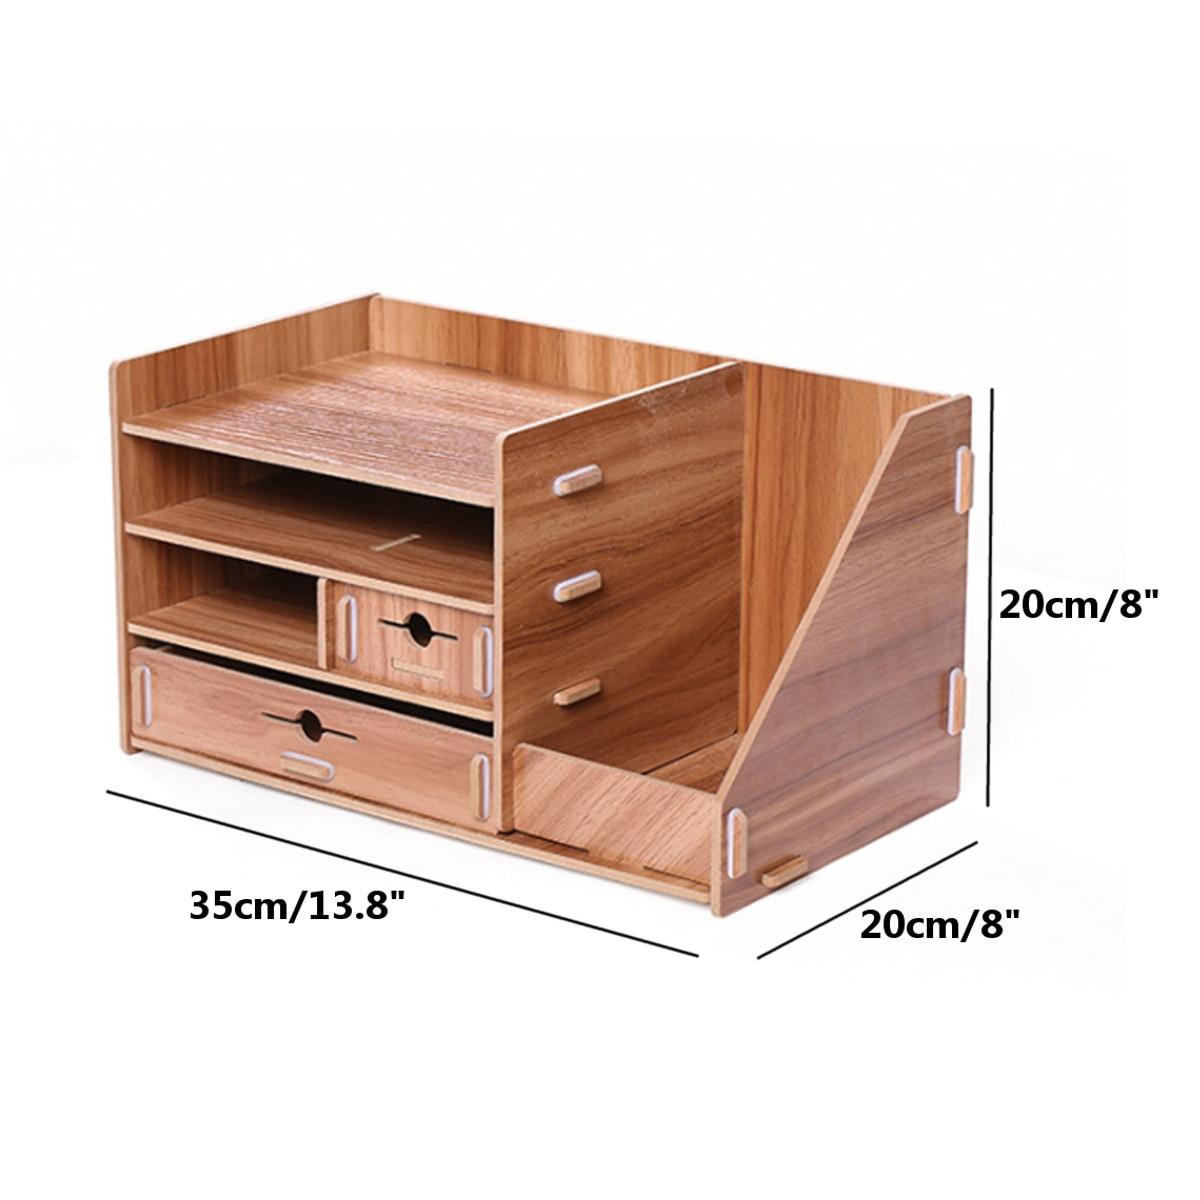 Boîte de rangement en bois bricolage avec tiroir cosmétiques organisateur bureau à domicile bureau tiroir maquillage organisateur nouveau - 4